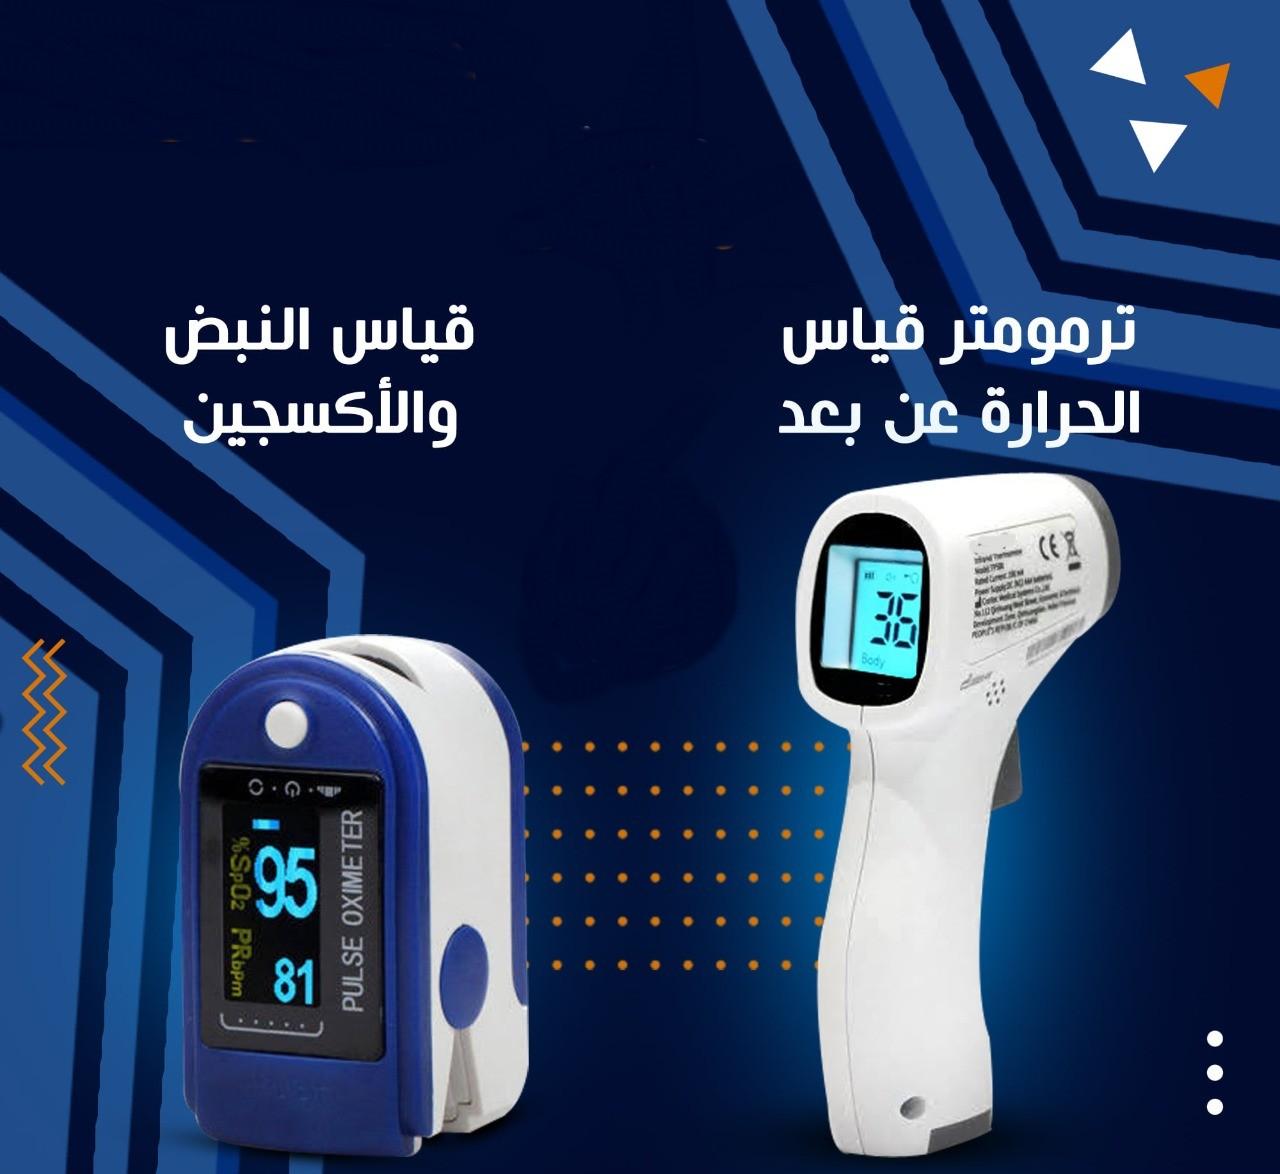 عرض جهاز قياس الاوكسجين + جهاز قياس درجة الحرارة